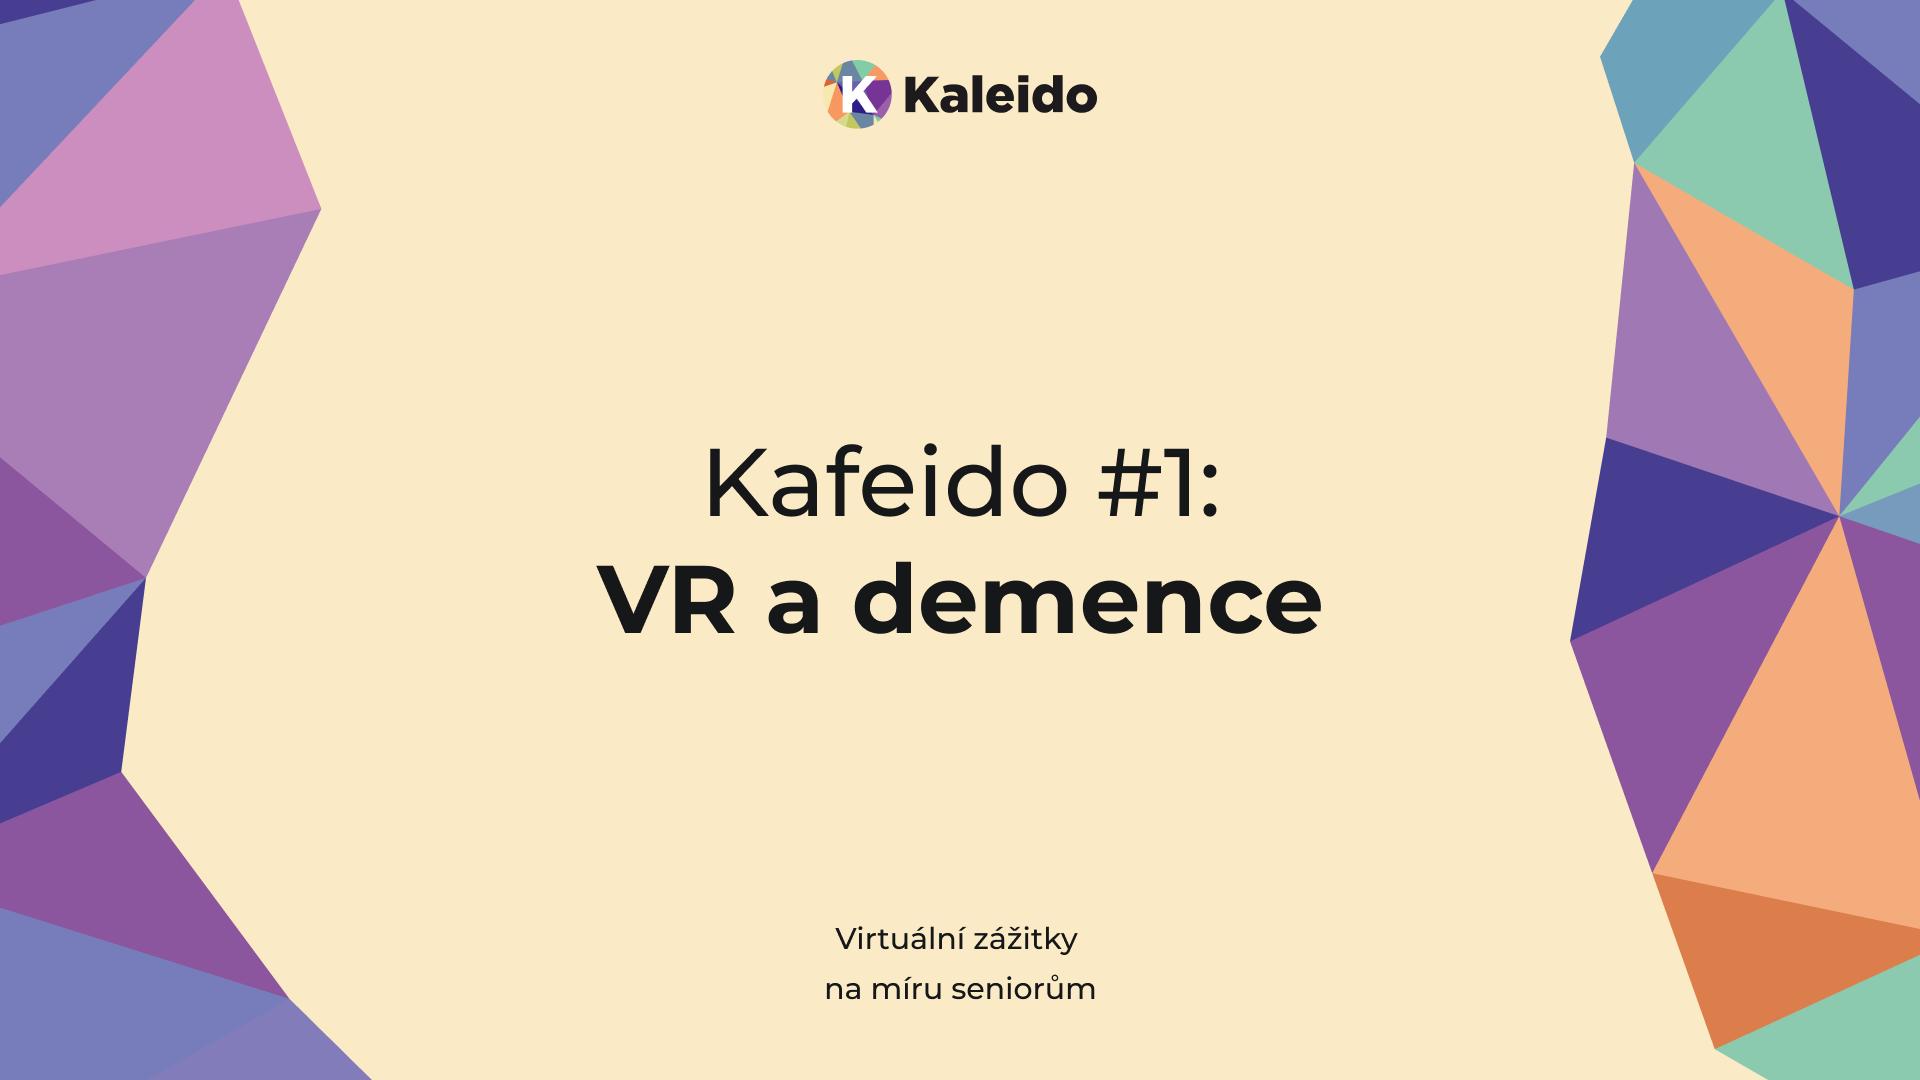 Kafeido #1: VR a demence